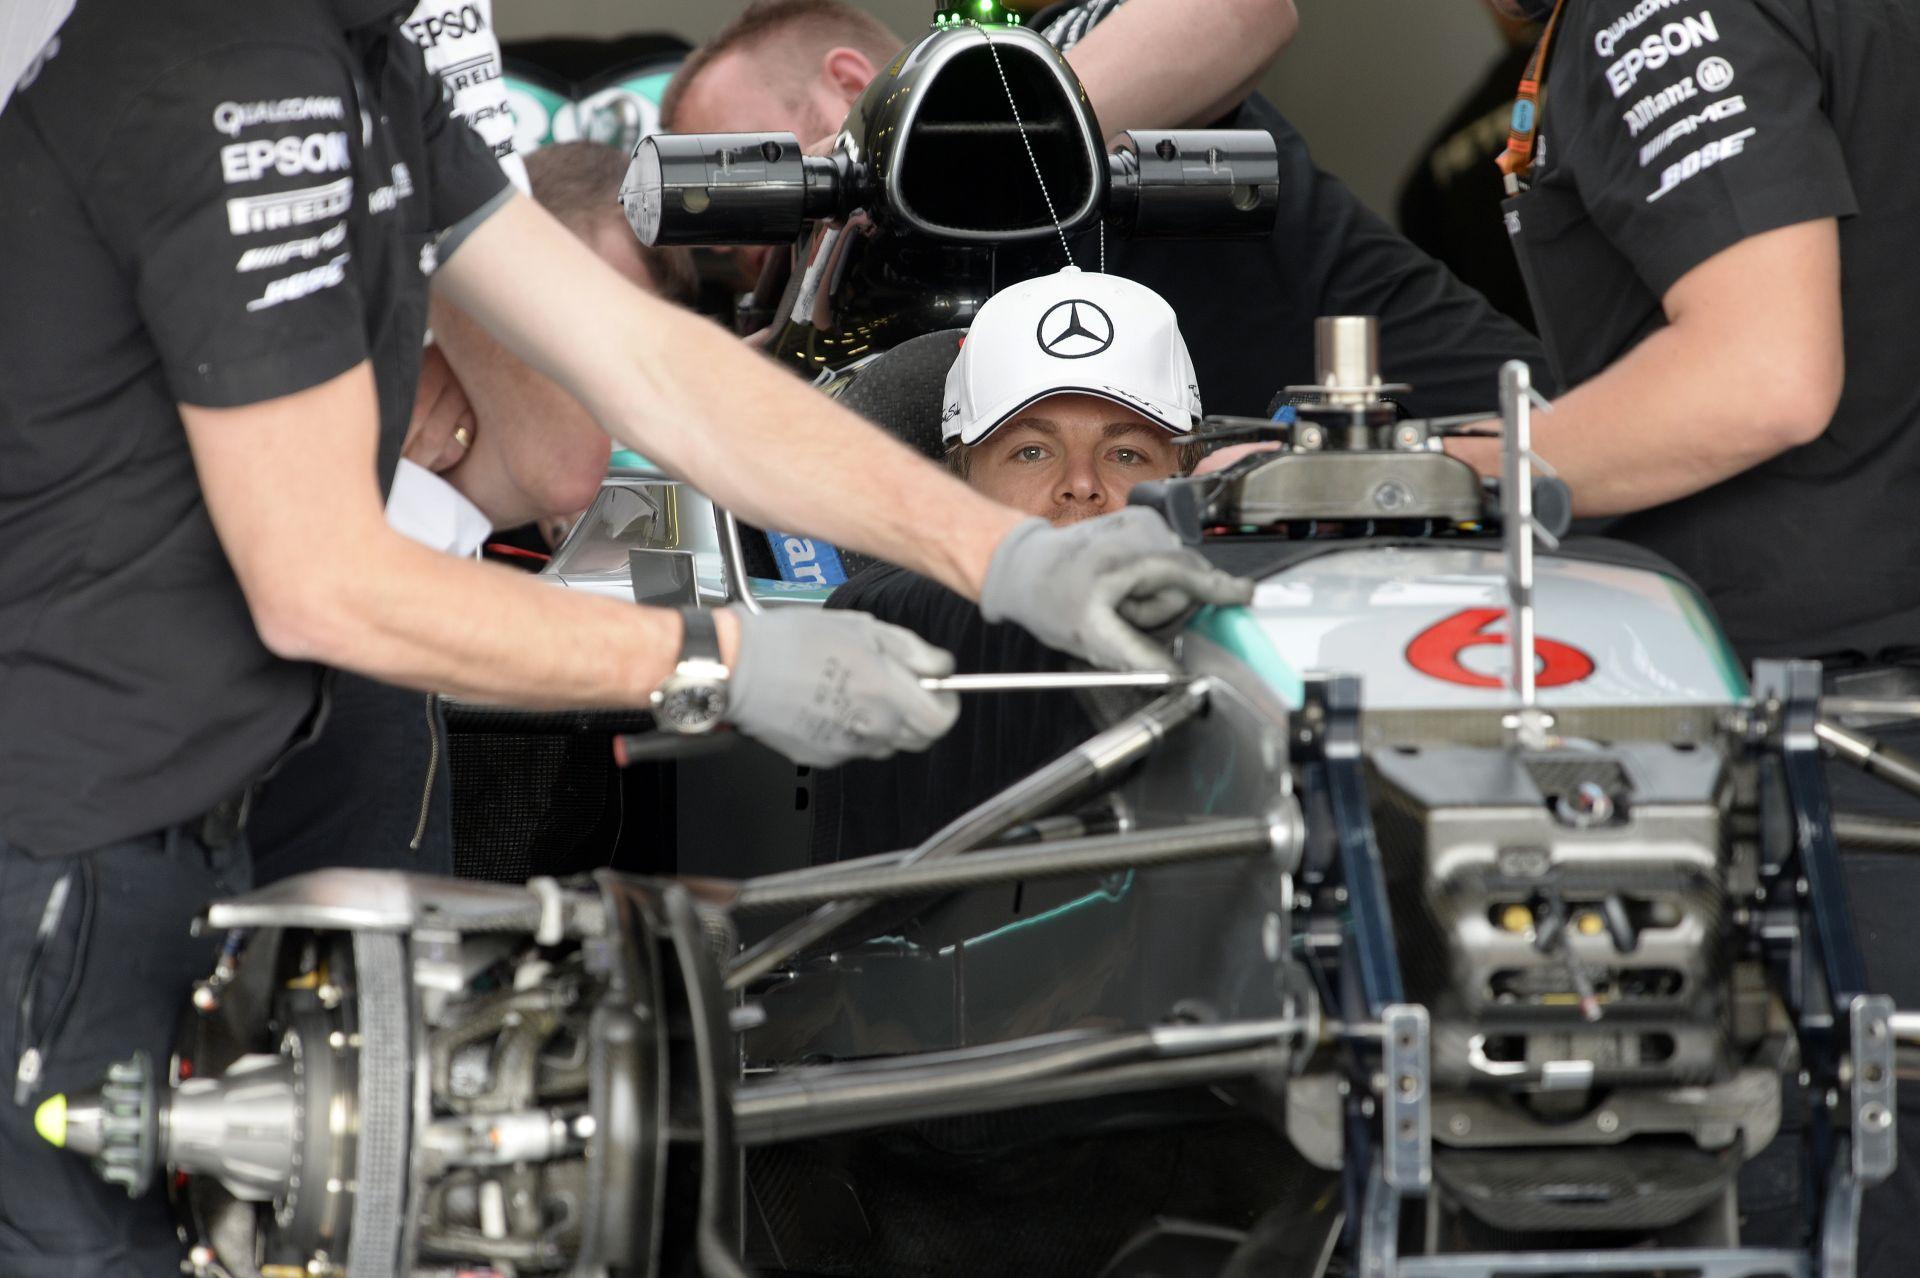 Hatalmas hajrával Rosberg odapirított Hamiltonnak Silverstone-ban! Verstappen 3., Raikkönen 4. Világrekord a Mercedestől!